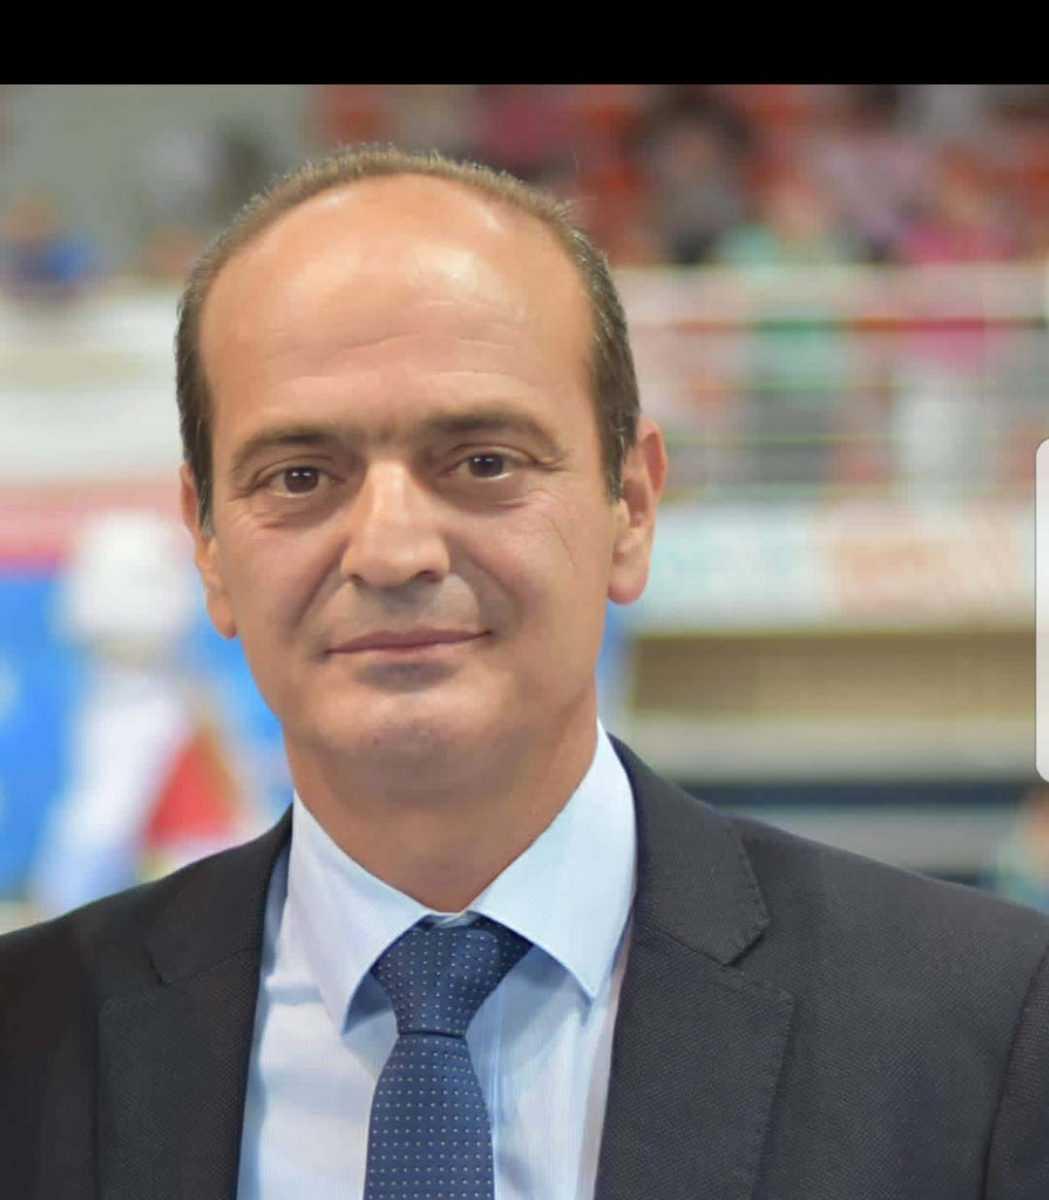 Υποψήφιος Περιφερειακός Σύμβουλος ο Θεόδωρος Θεοδωρίδης  με τον συνδυασμό της κ. Ζεμπιλιάδου